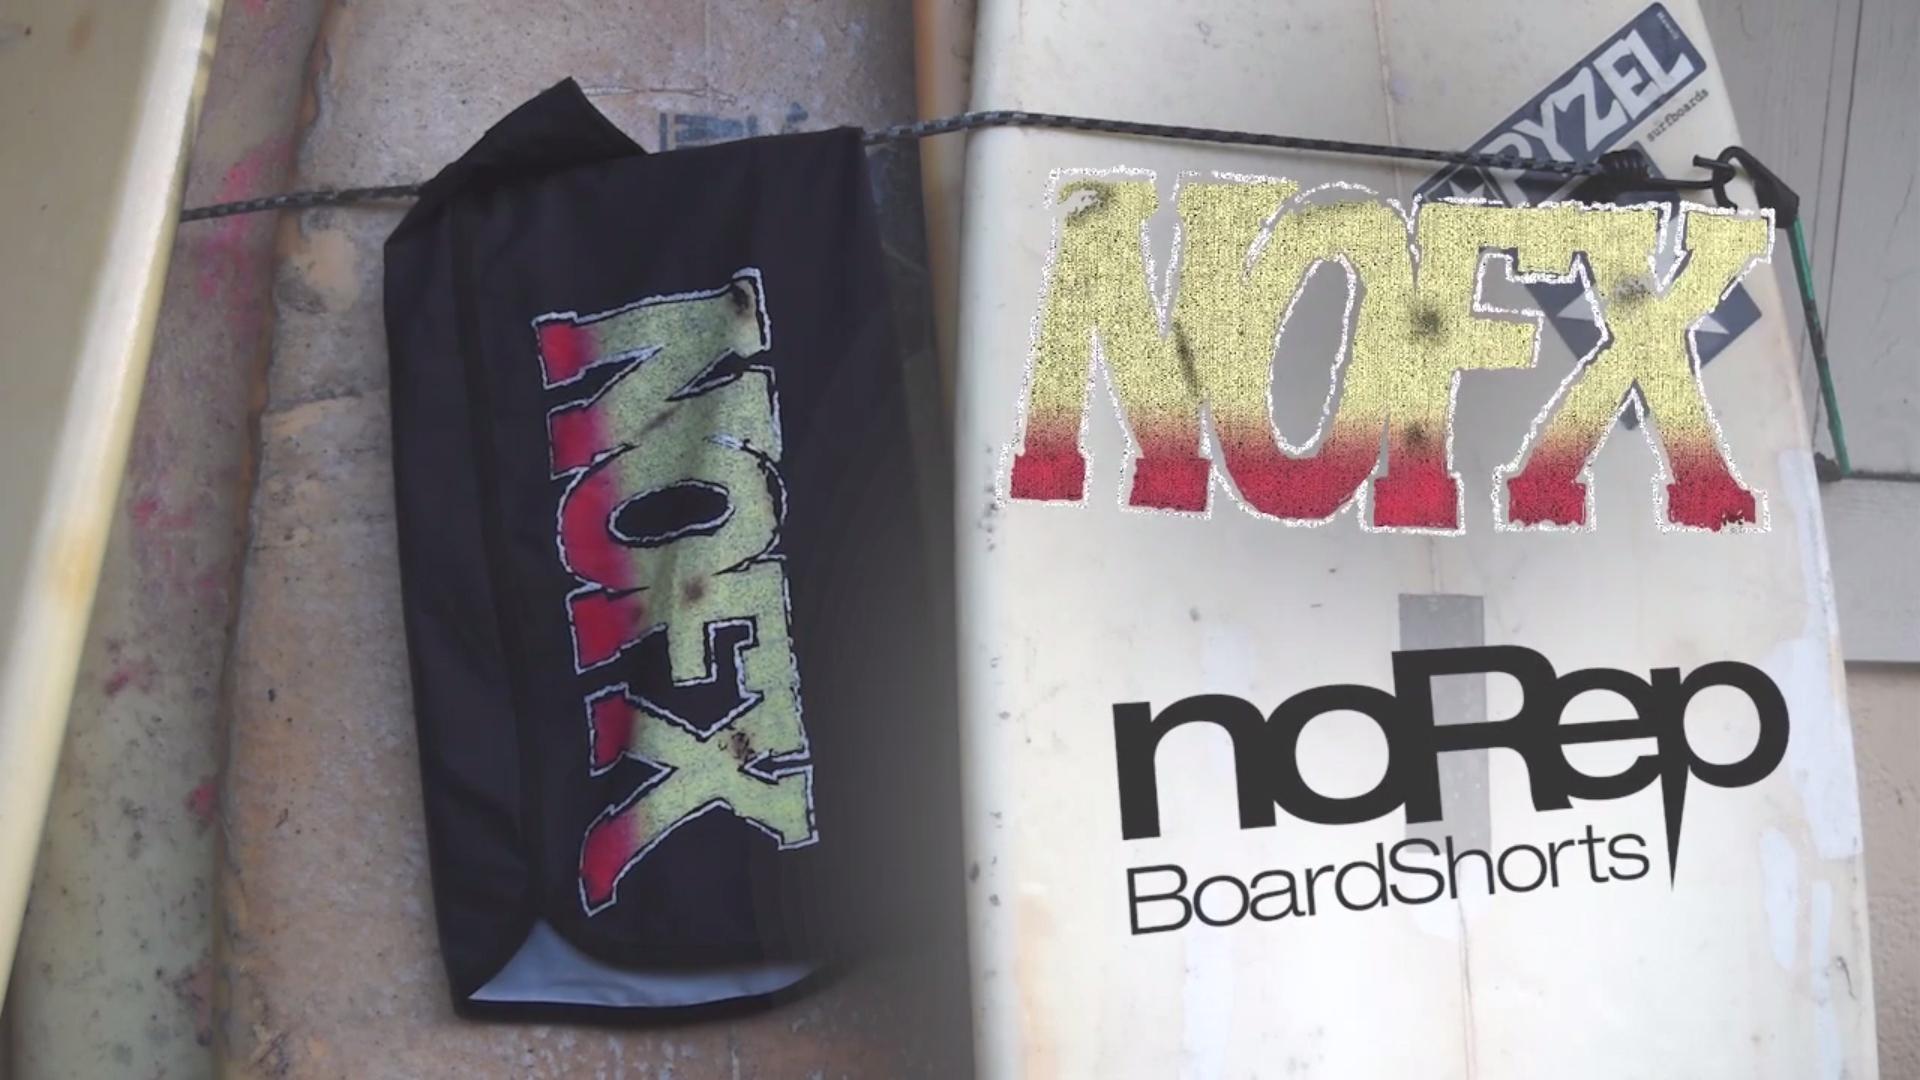 NOFXアルバムボードショーツ